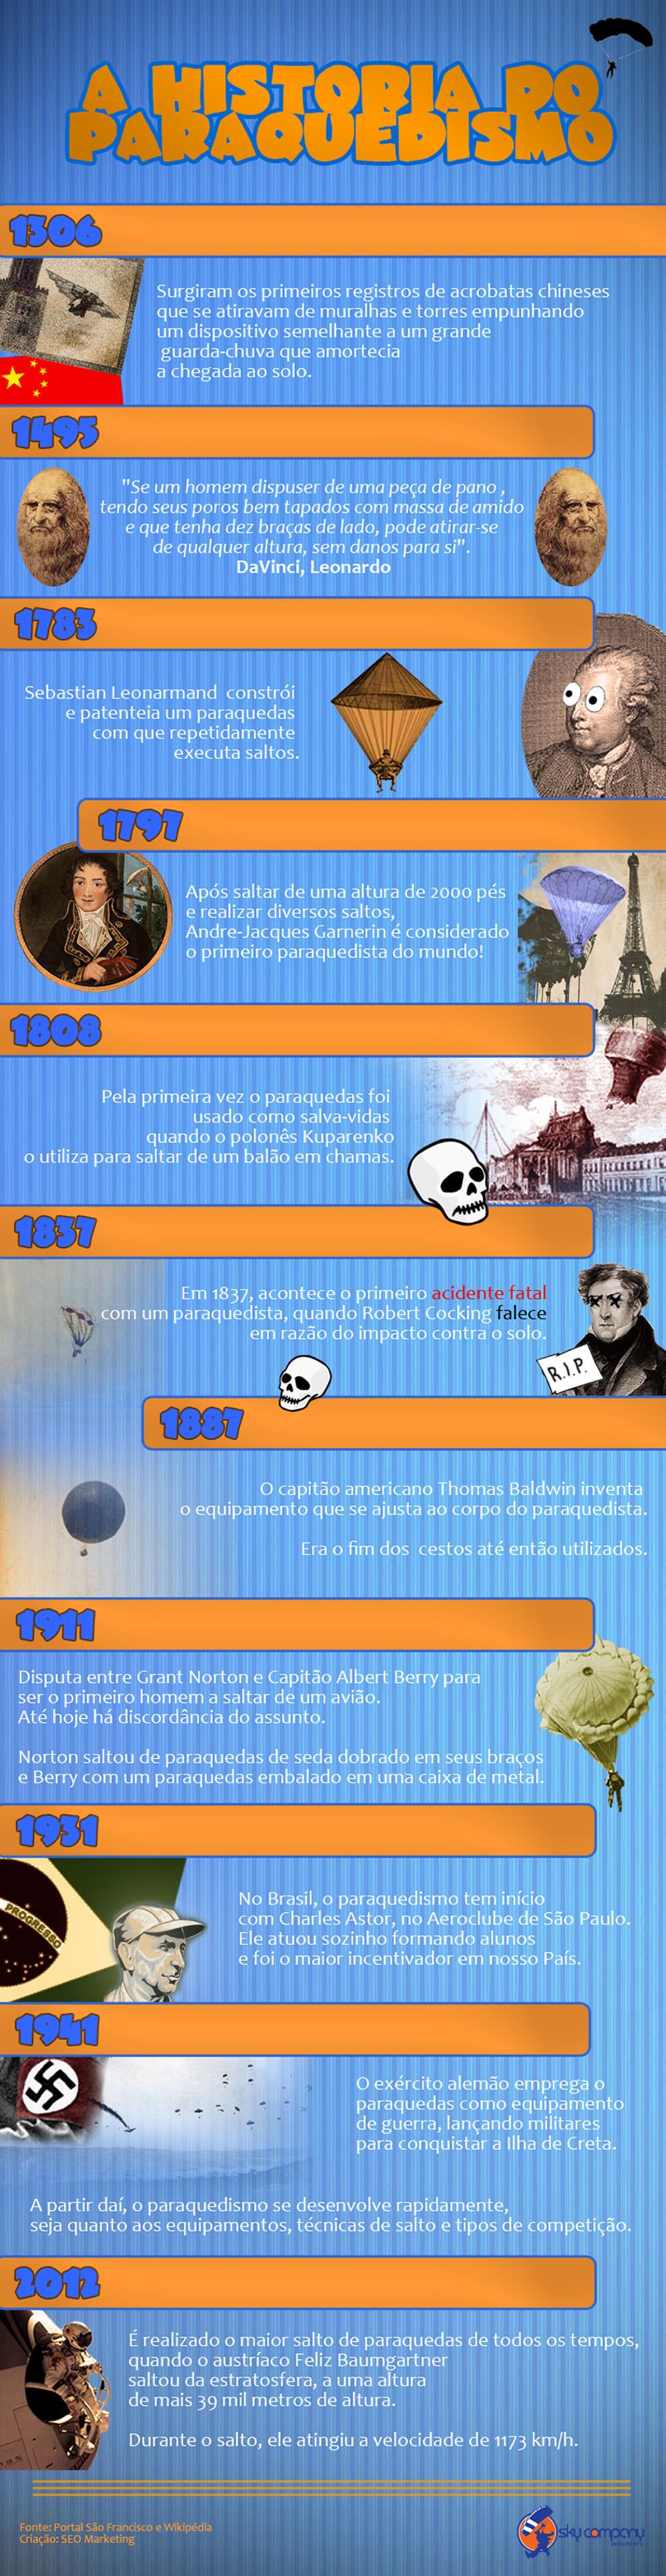 história do paraquedismo